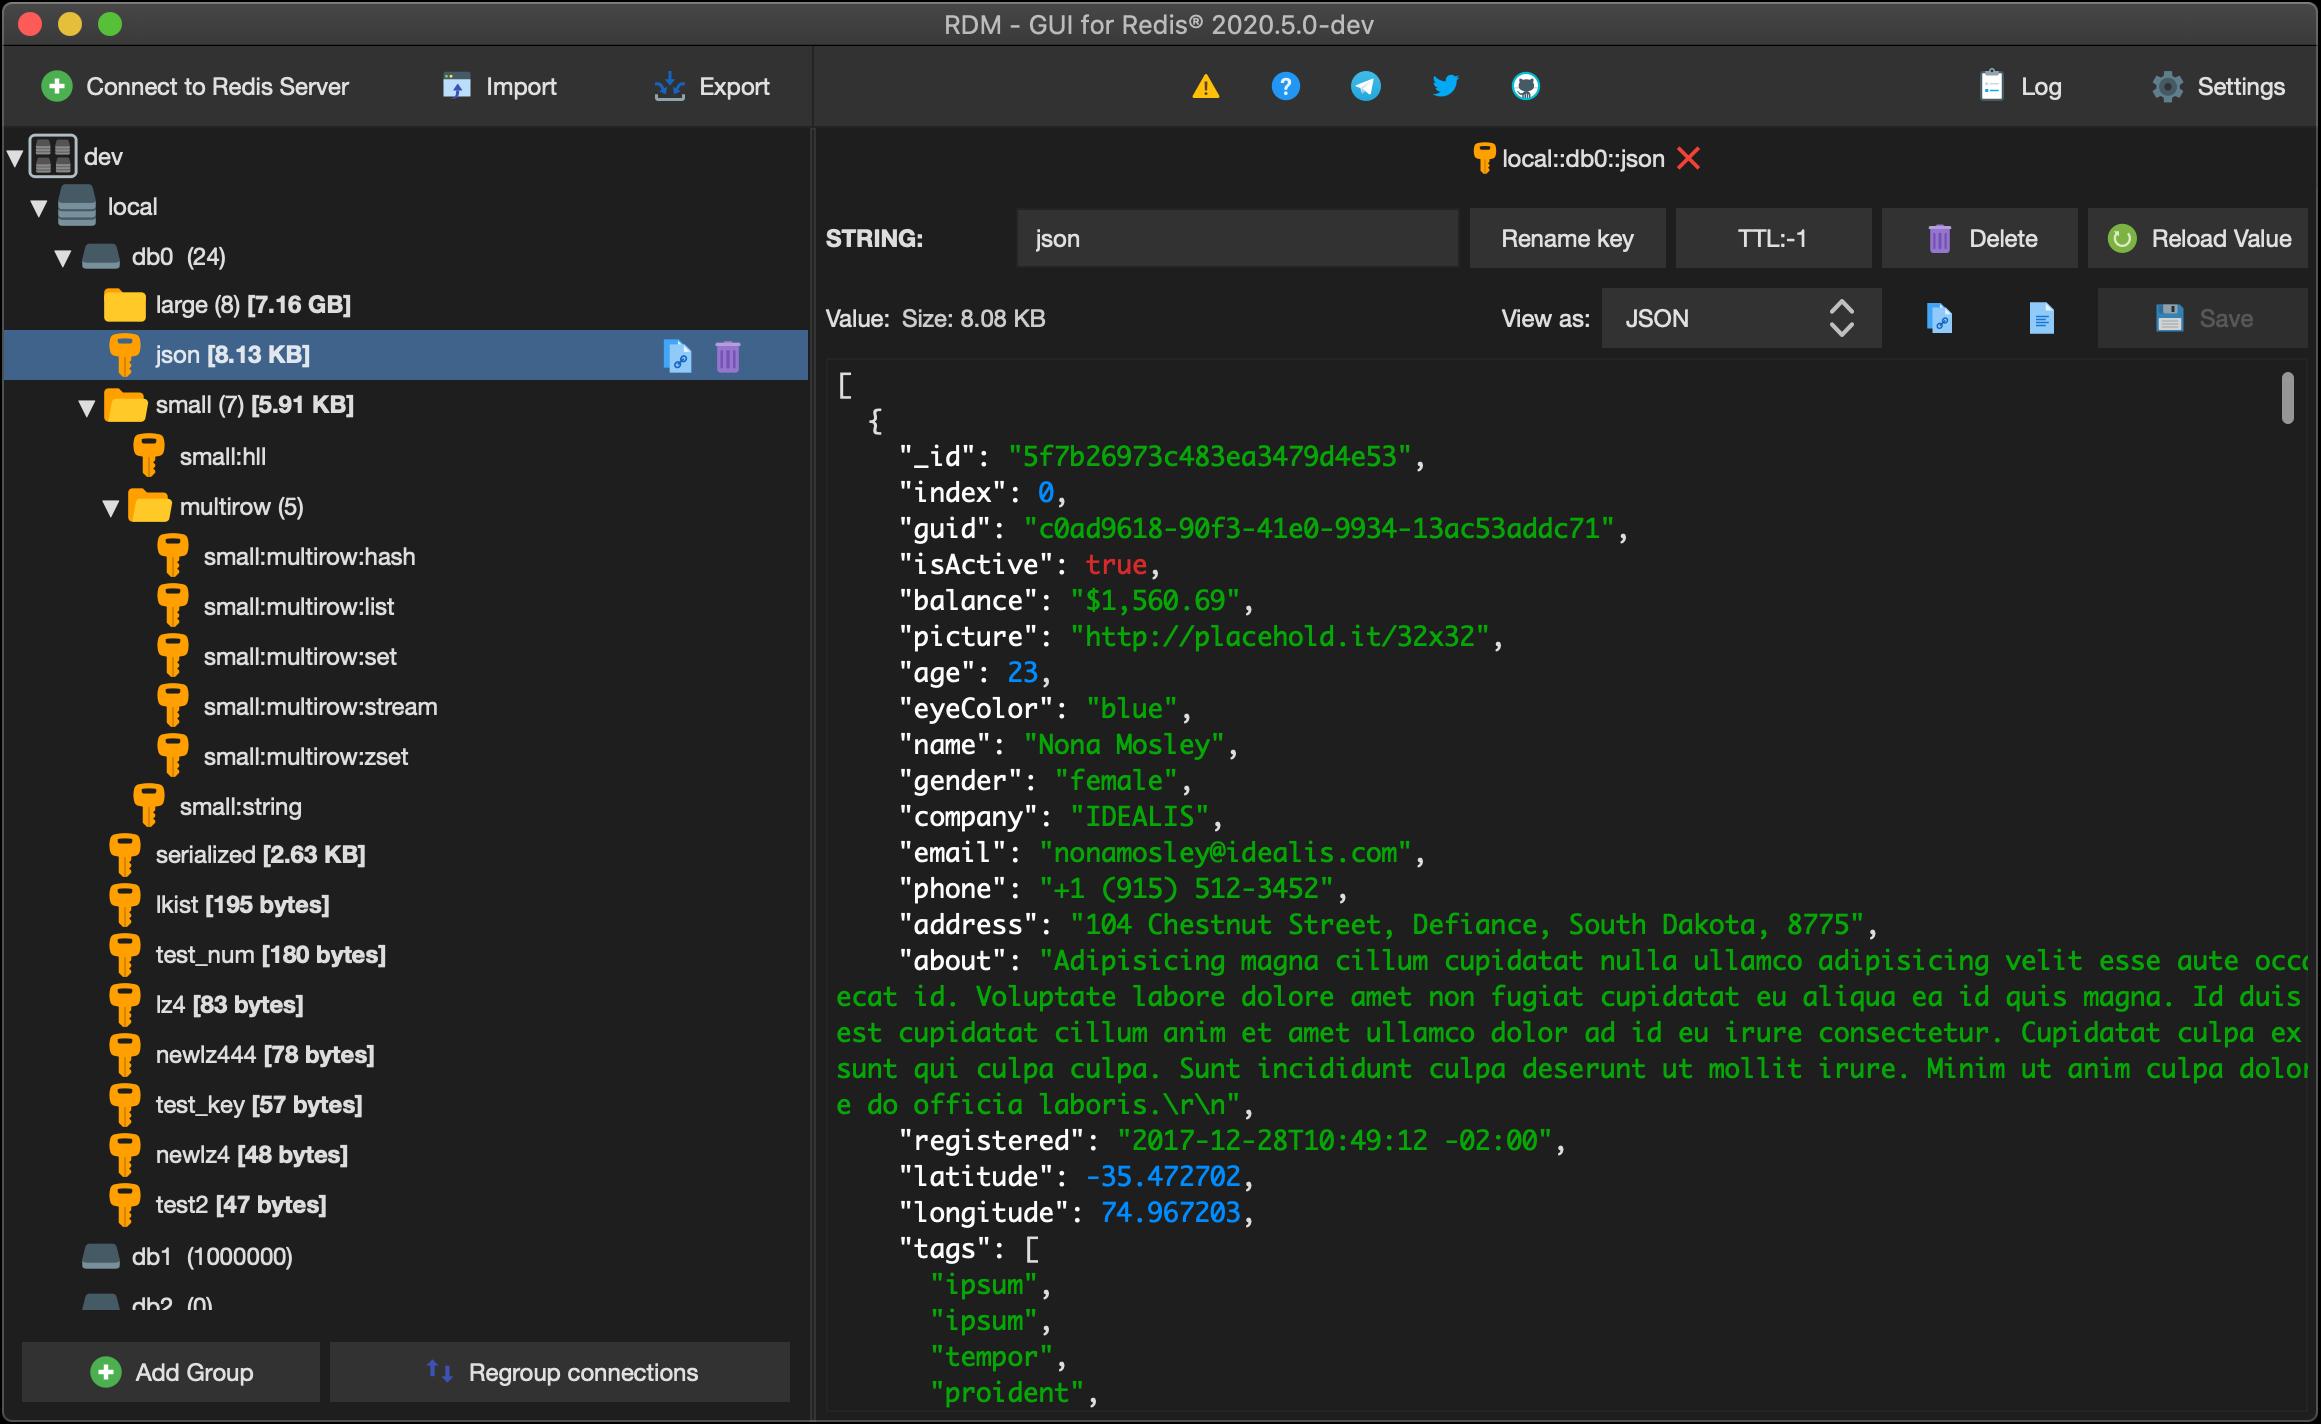 Redis Desktop Manager - Redis GUI management tool for